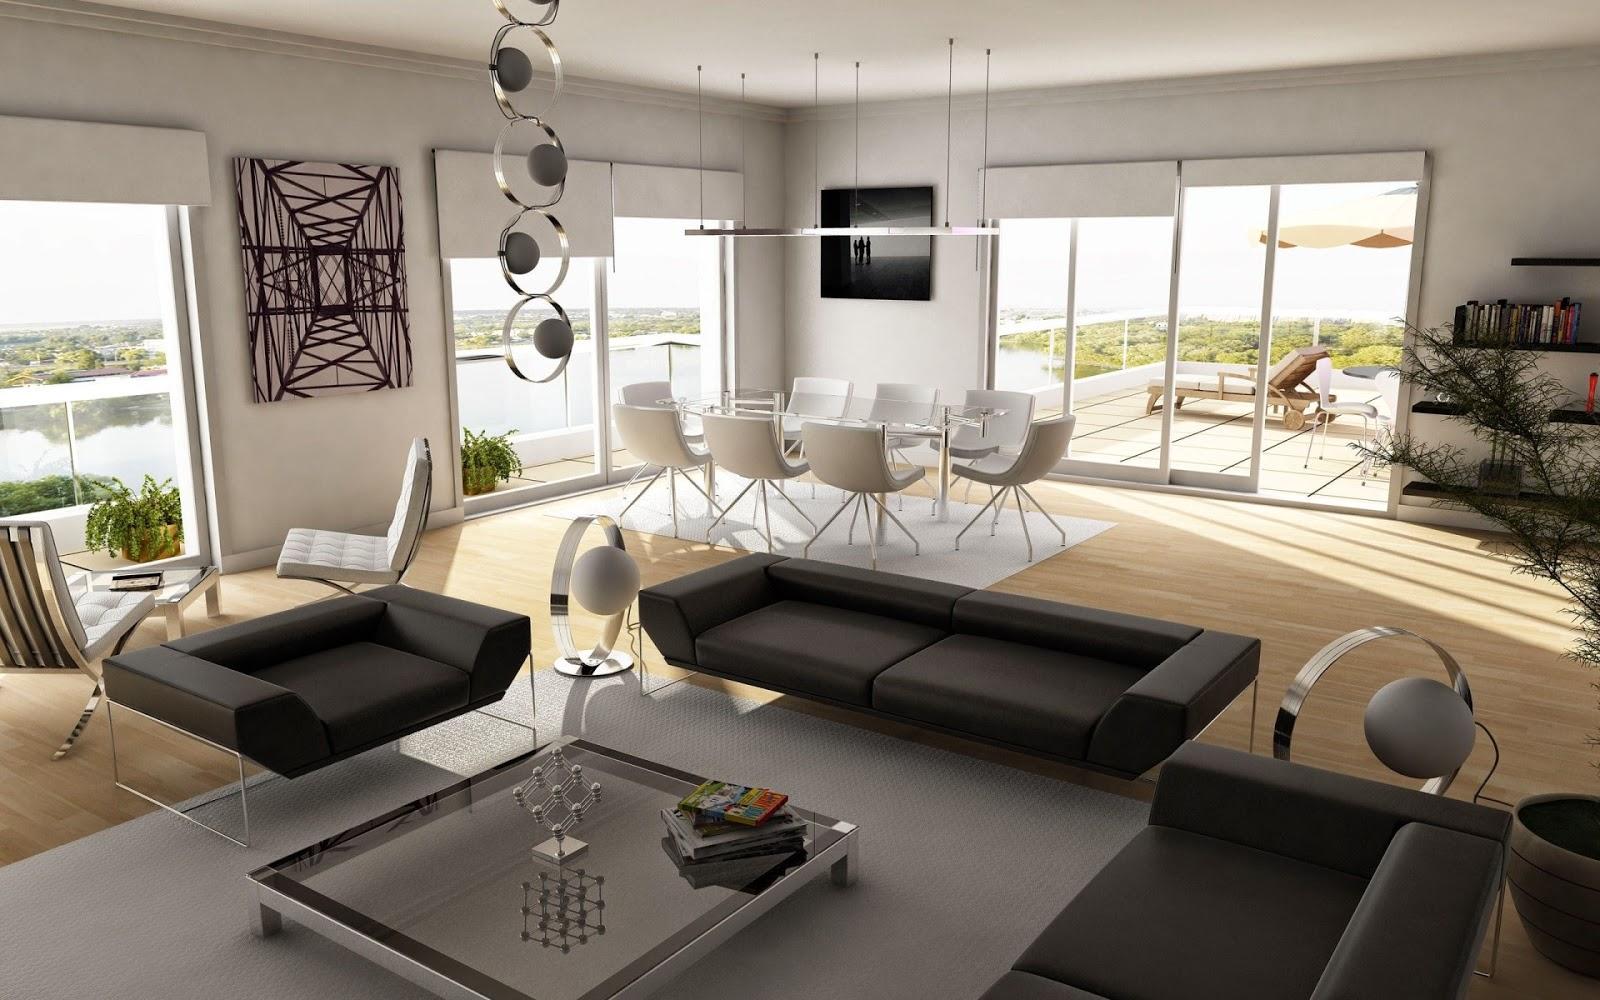 Effective Modern Interior Design Ideas | MODERN INTERIOR